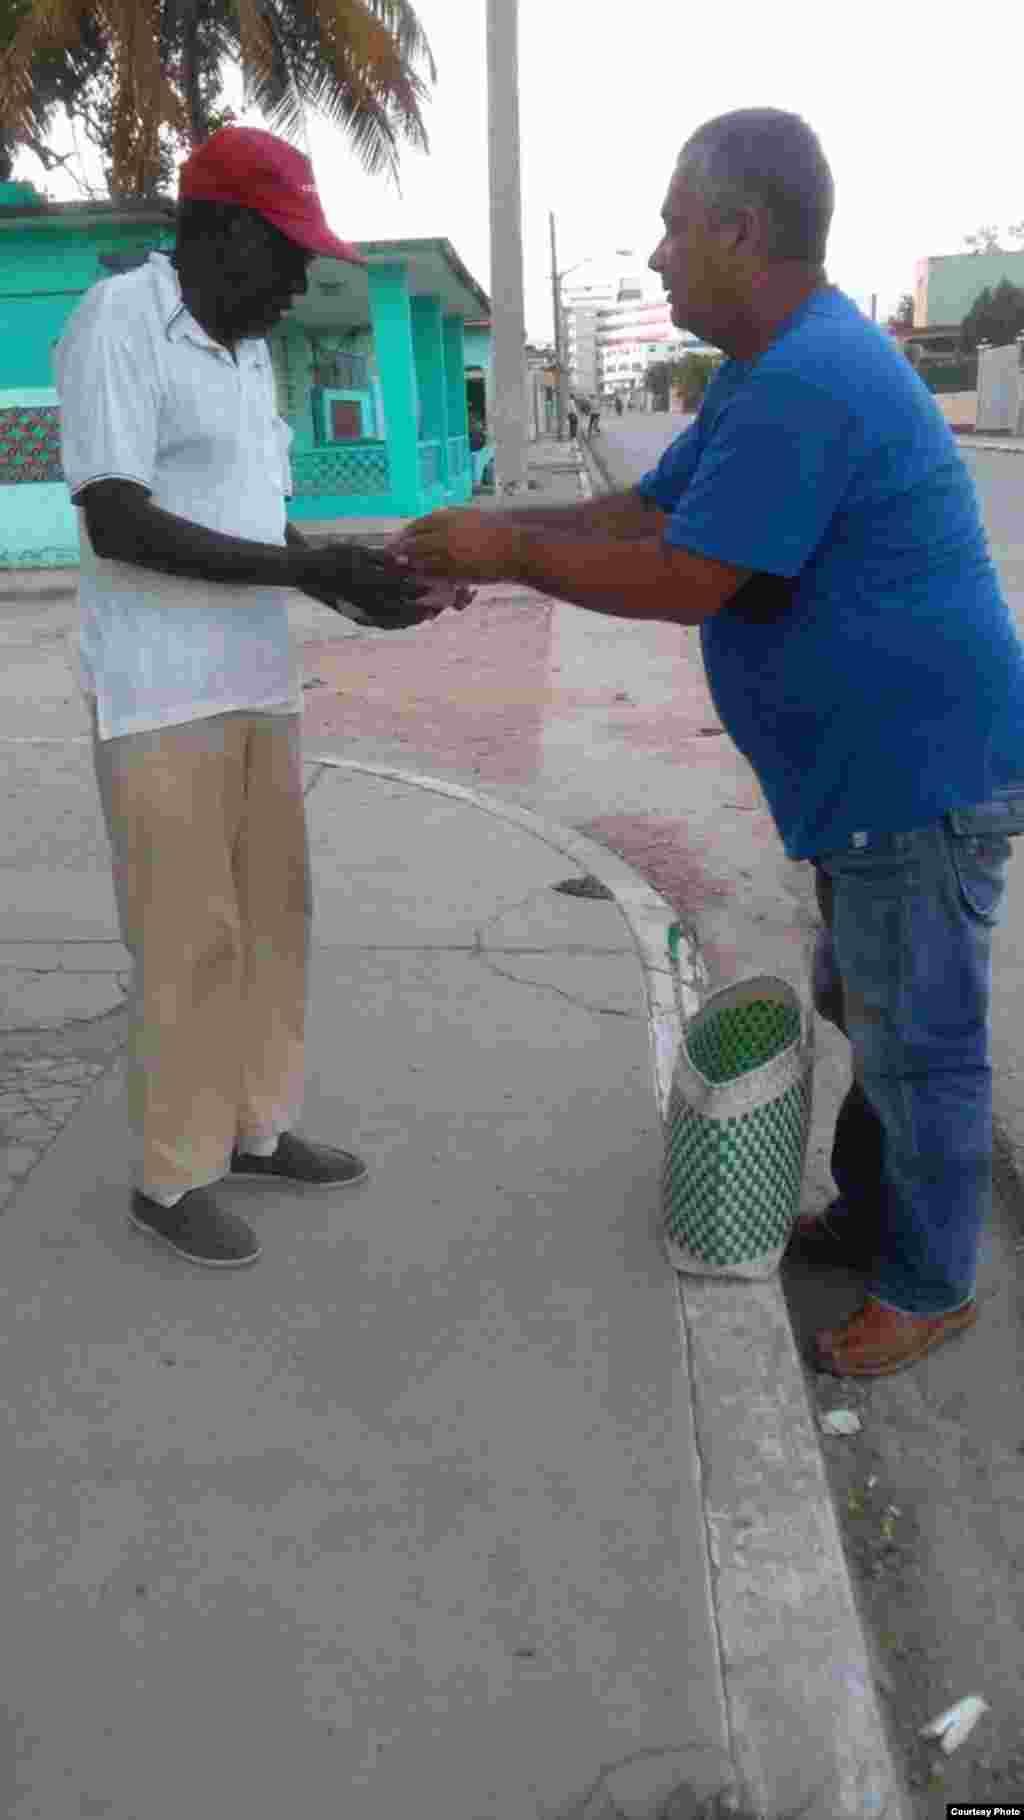 Colaboradores del Proyecto Capitán Tondique en la calles ofreciendo alimentos a los necesitados